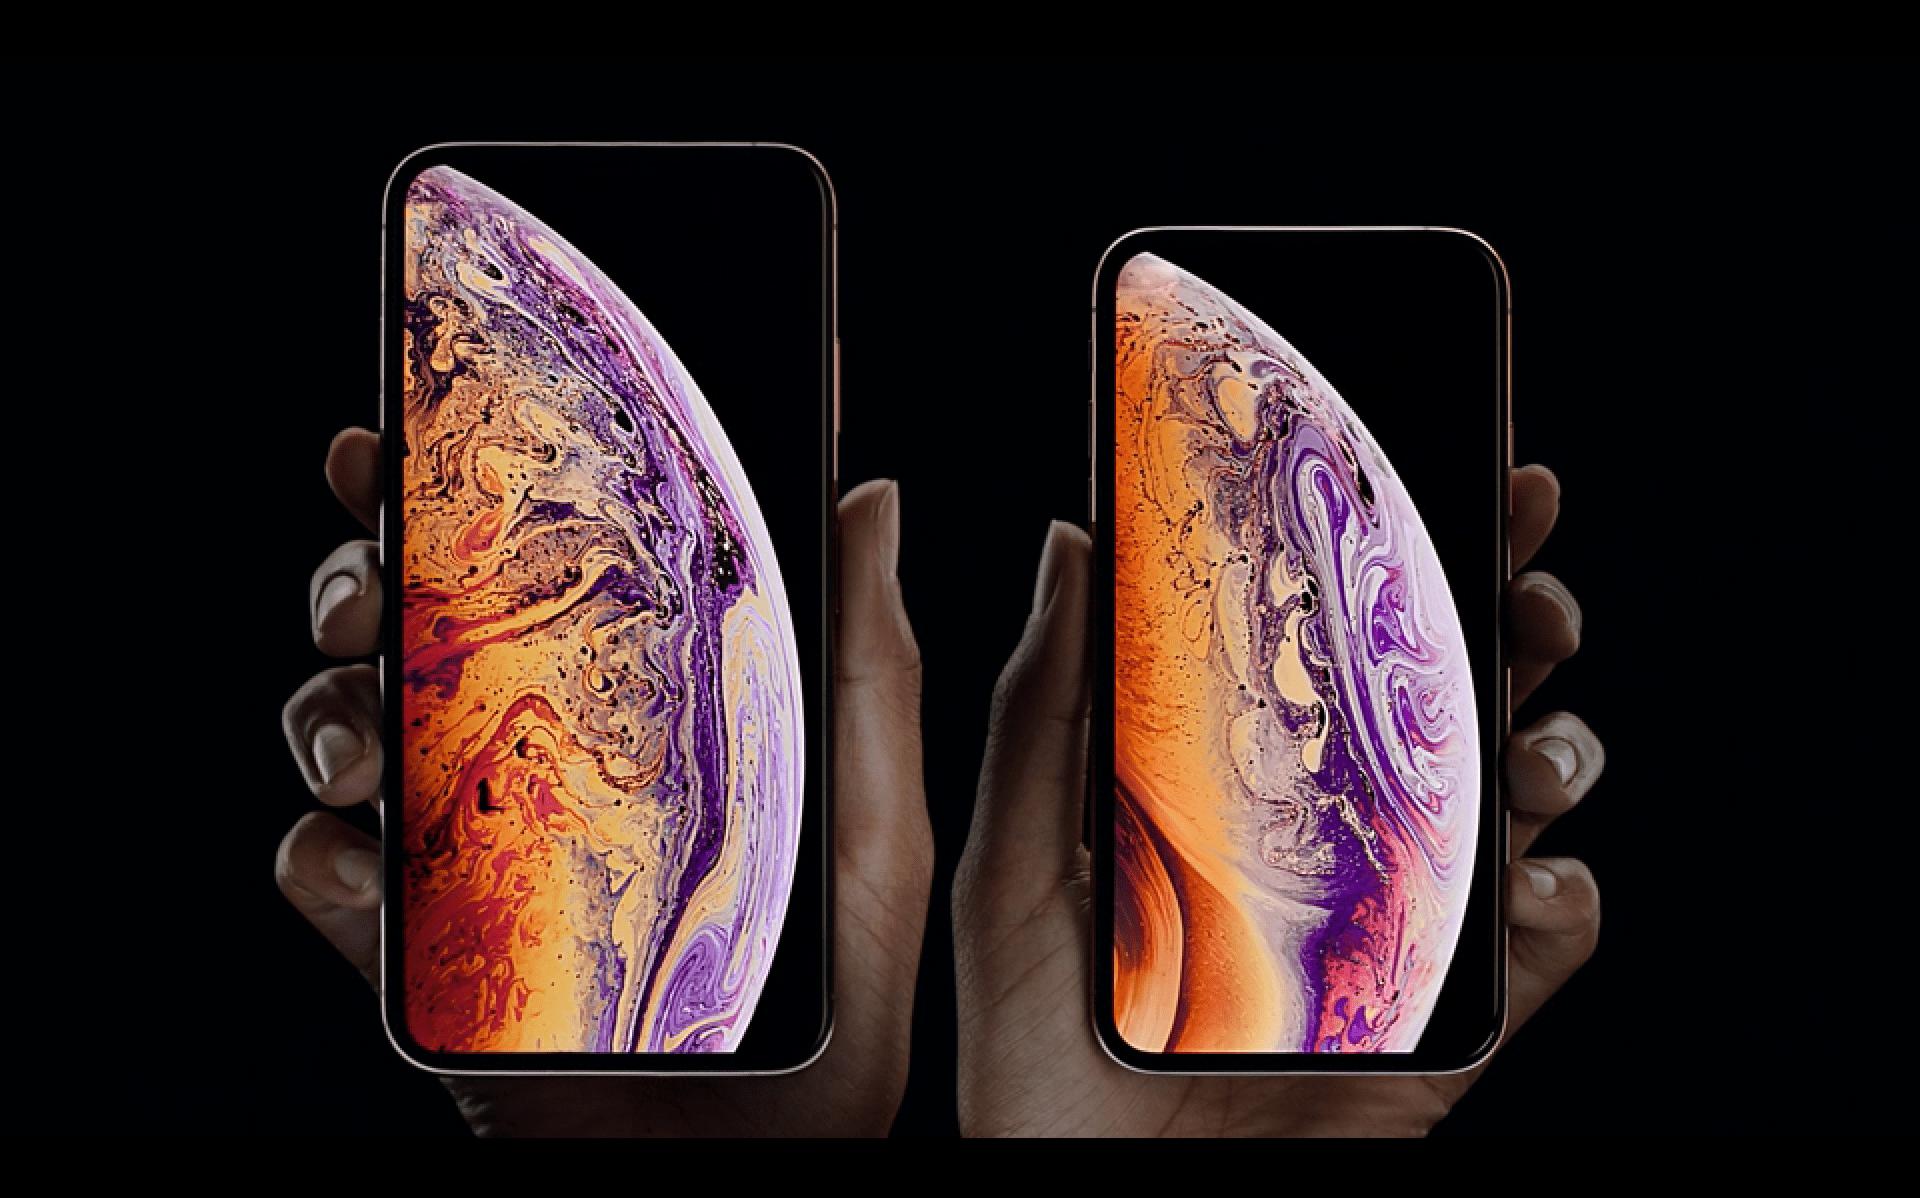 Apple iPhone XS et XS Max dévoilés : photo et performance avant toute chose